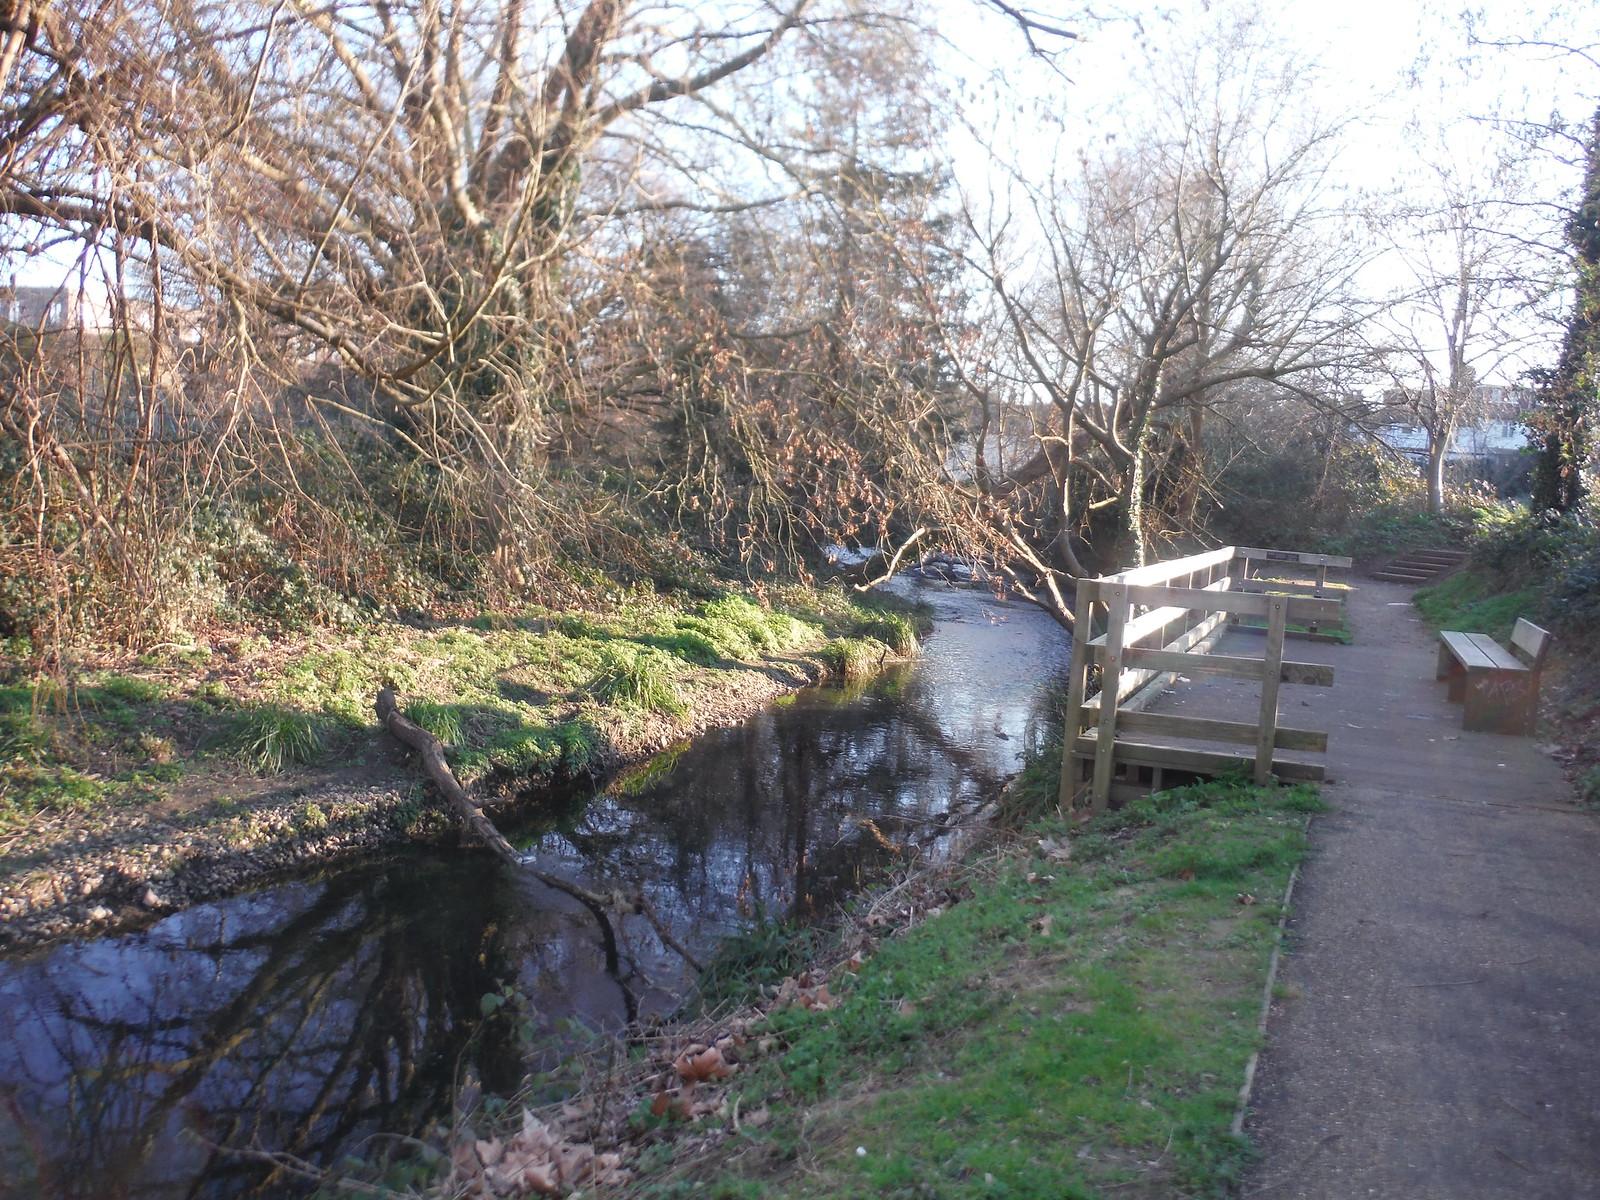 Boardwalk on the Ravensbourne, Ladywell Fields SWC Short Walk 36 - Waterlink Way (Lower Sydenham to Greenwich)